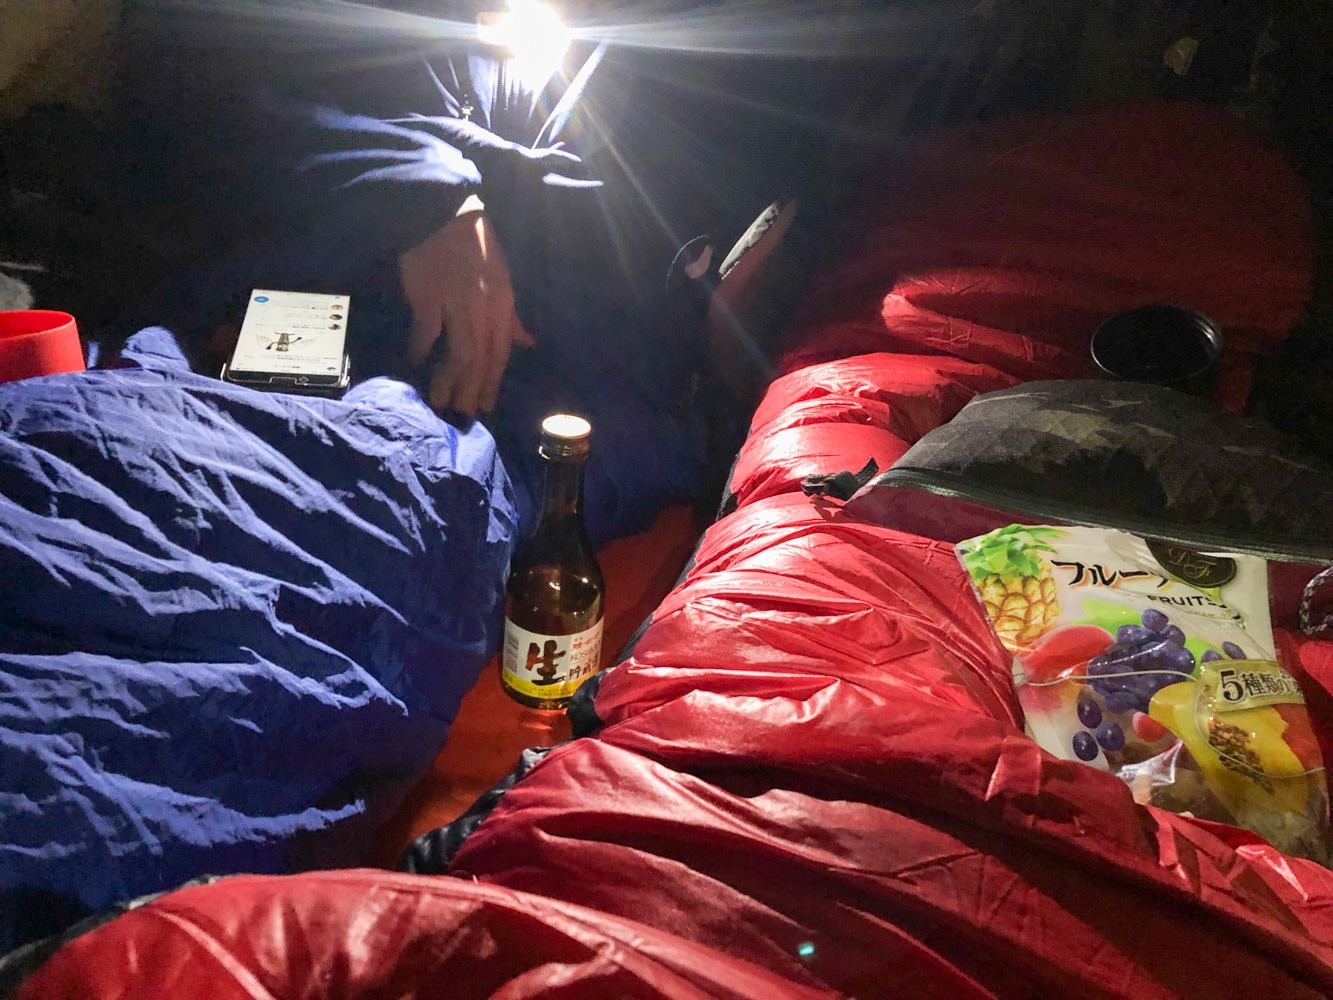 厳冬期のテント泊